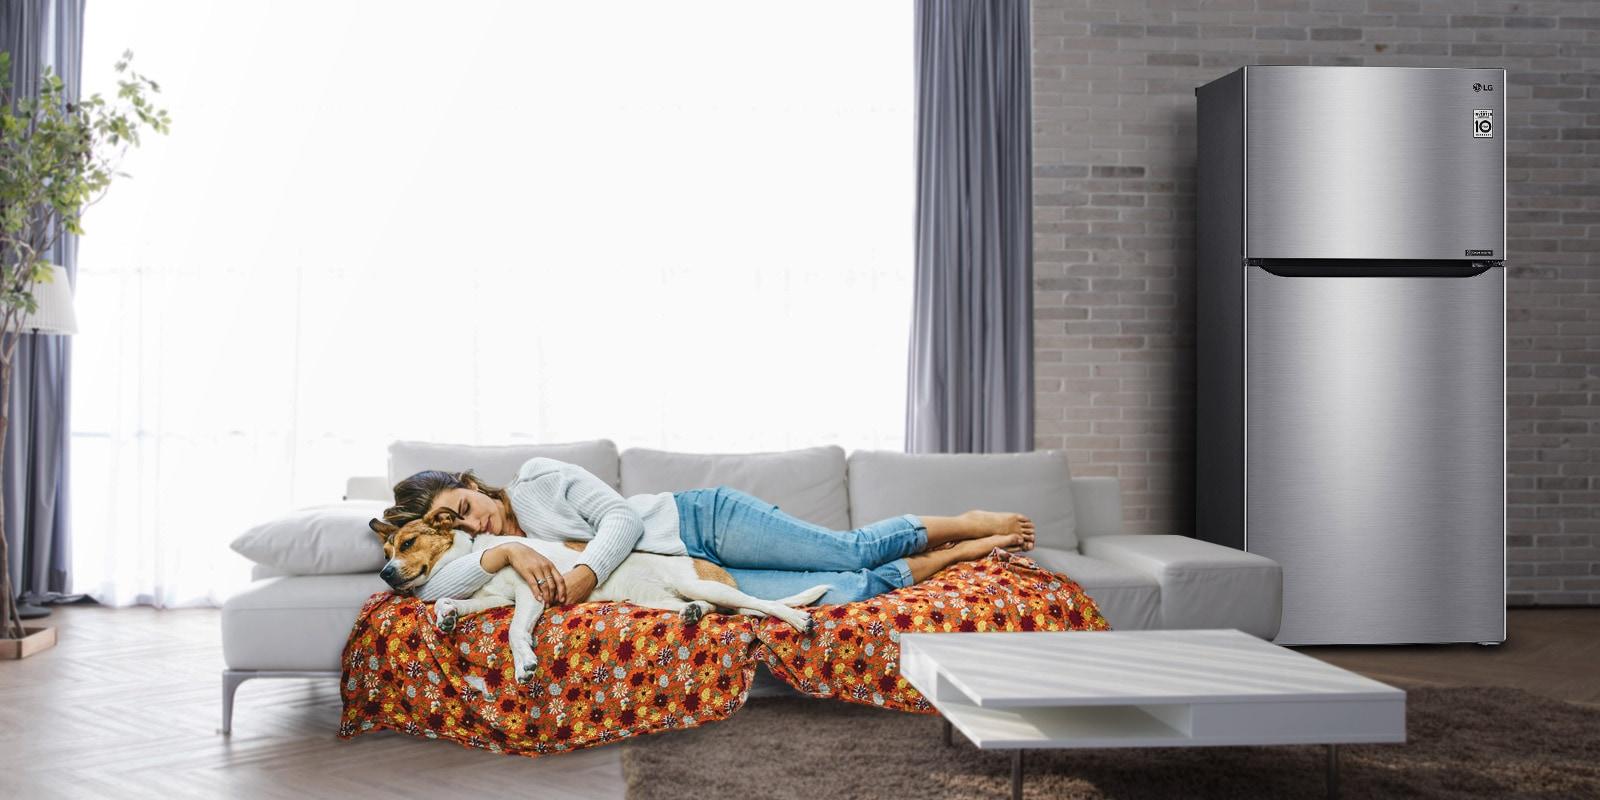 امرأة وكلب ينامان على أريكة بالقرب من الثلاجة.